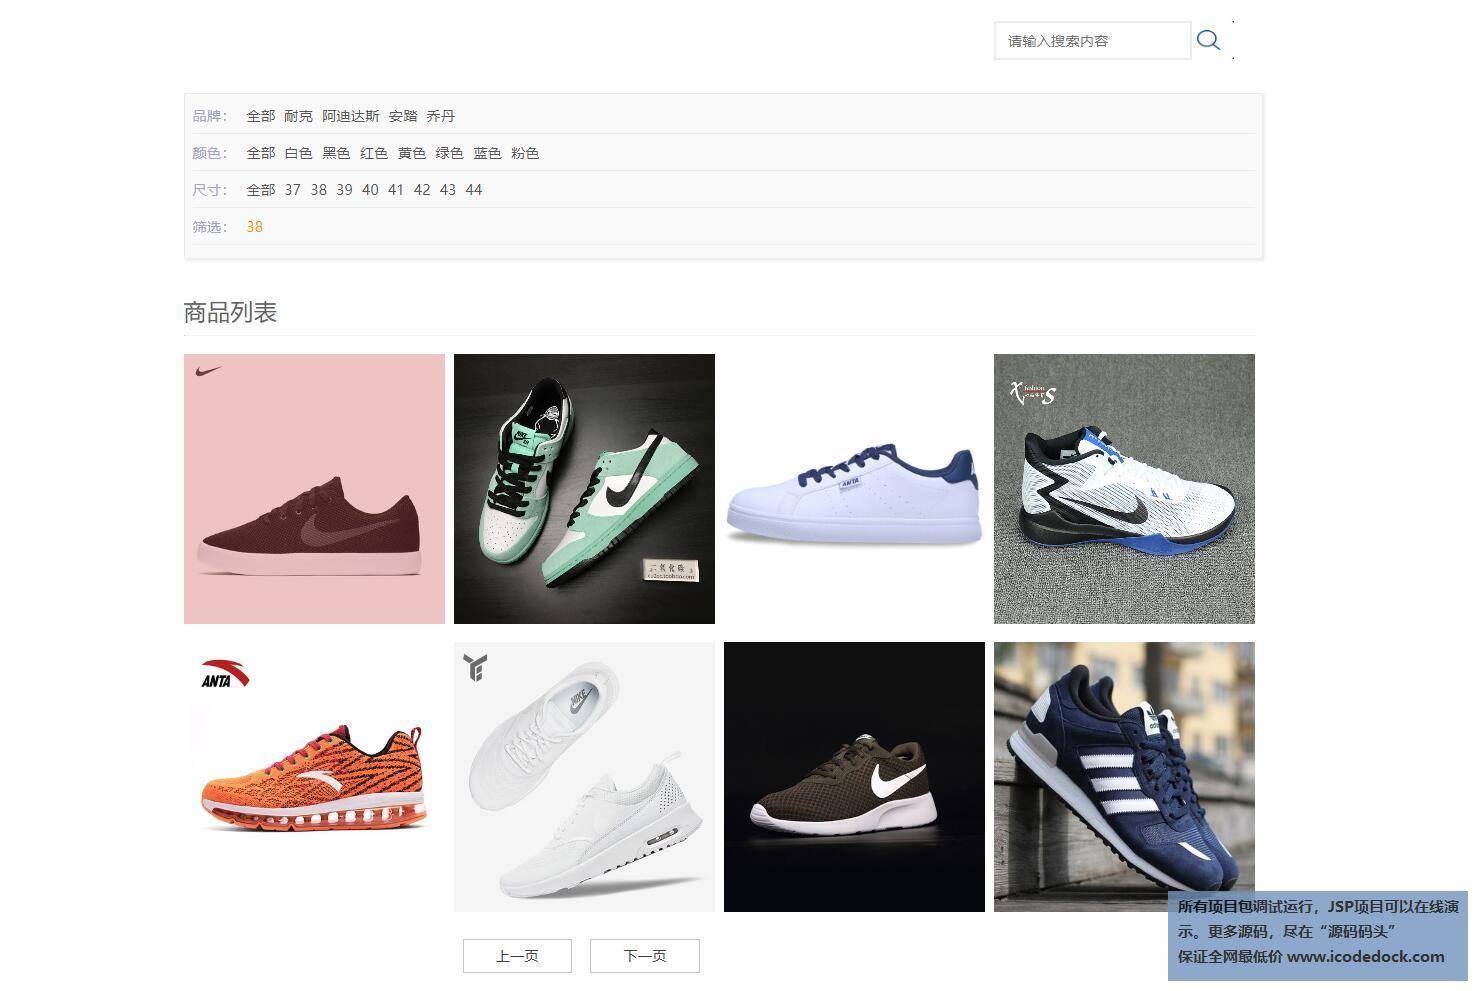 源码码头-JSP鞋子商城销售网站-用户角色-查看鞋子